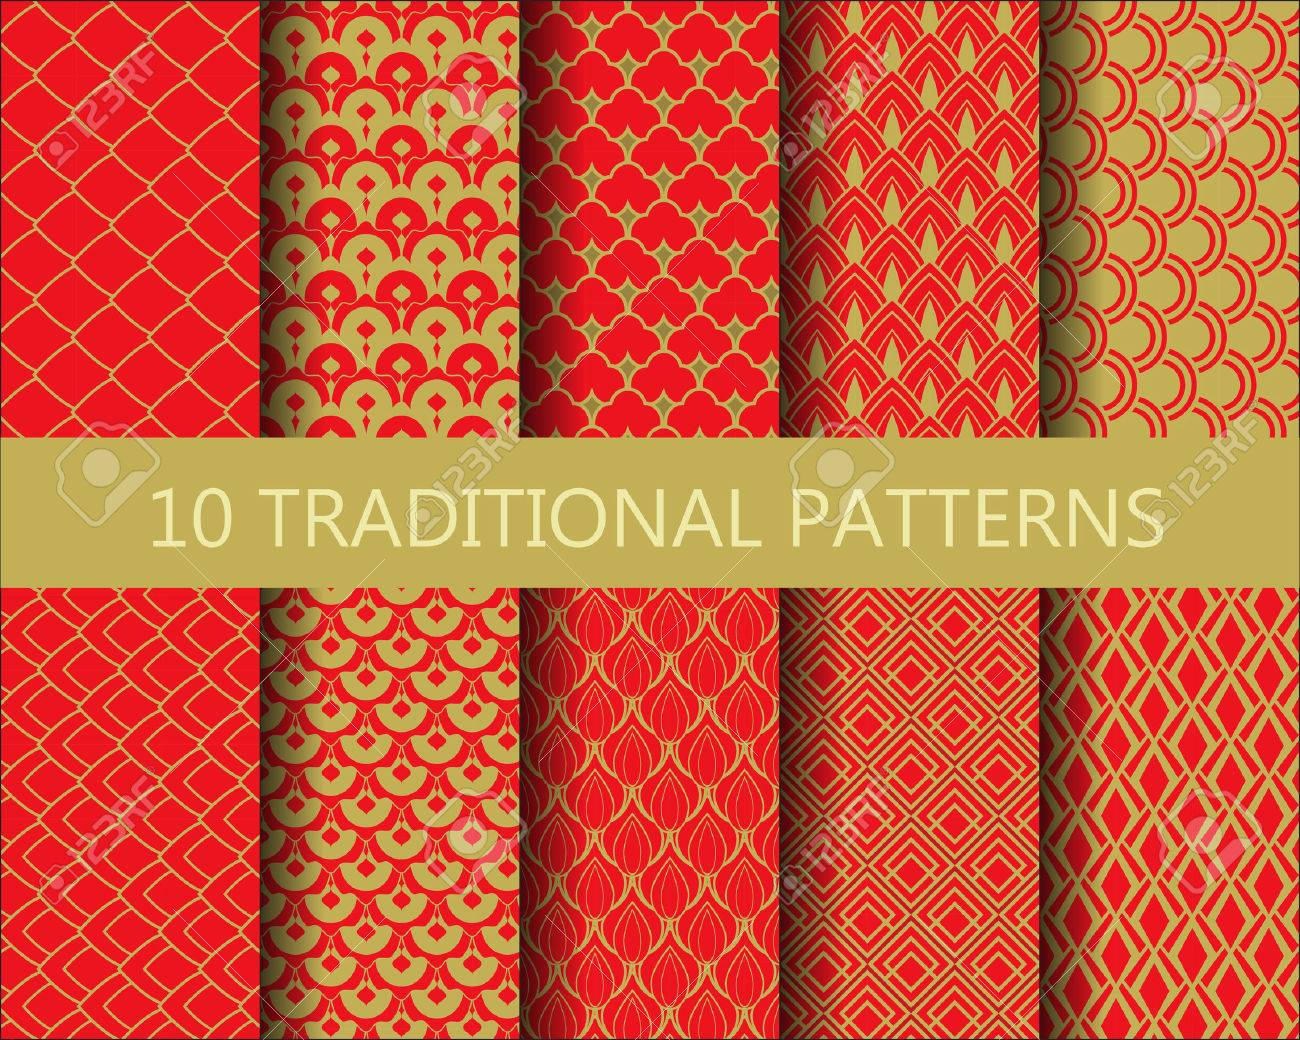 10 Différents Modèles Traditionnels Chinois Fixés. Conception Rouge Et Or,  Nuancier Pattern, Endless Texture Peut être Utilisé Pour Le Papier Peint,  ...